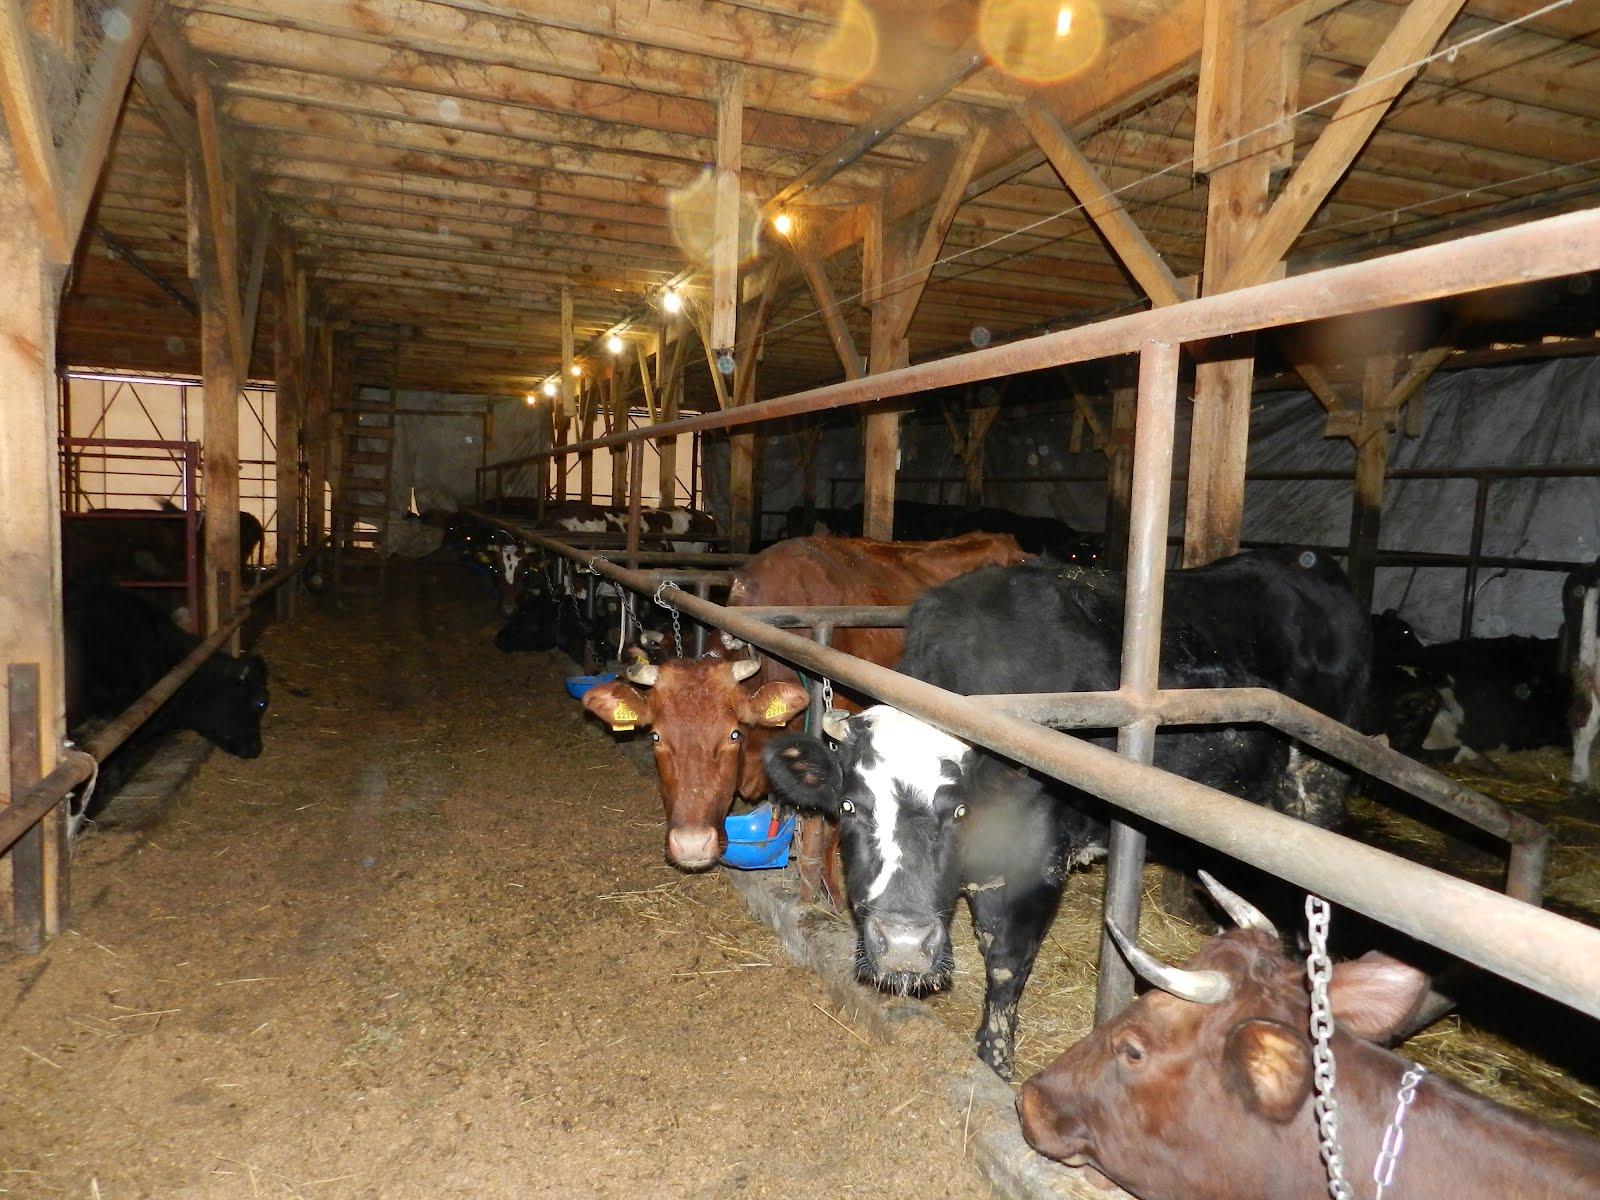 Moo-oosings by the Verhoog family: Inside the barn